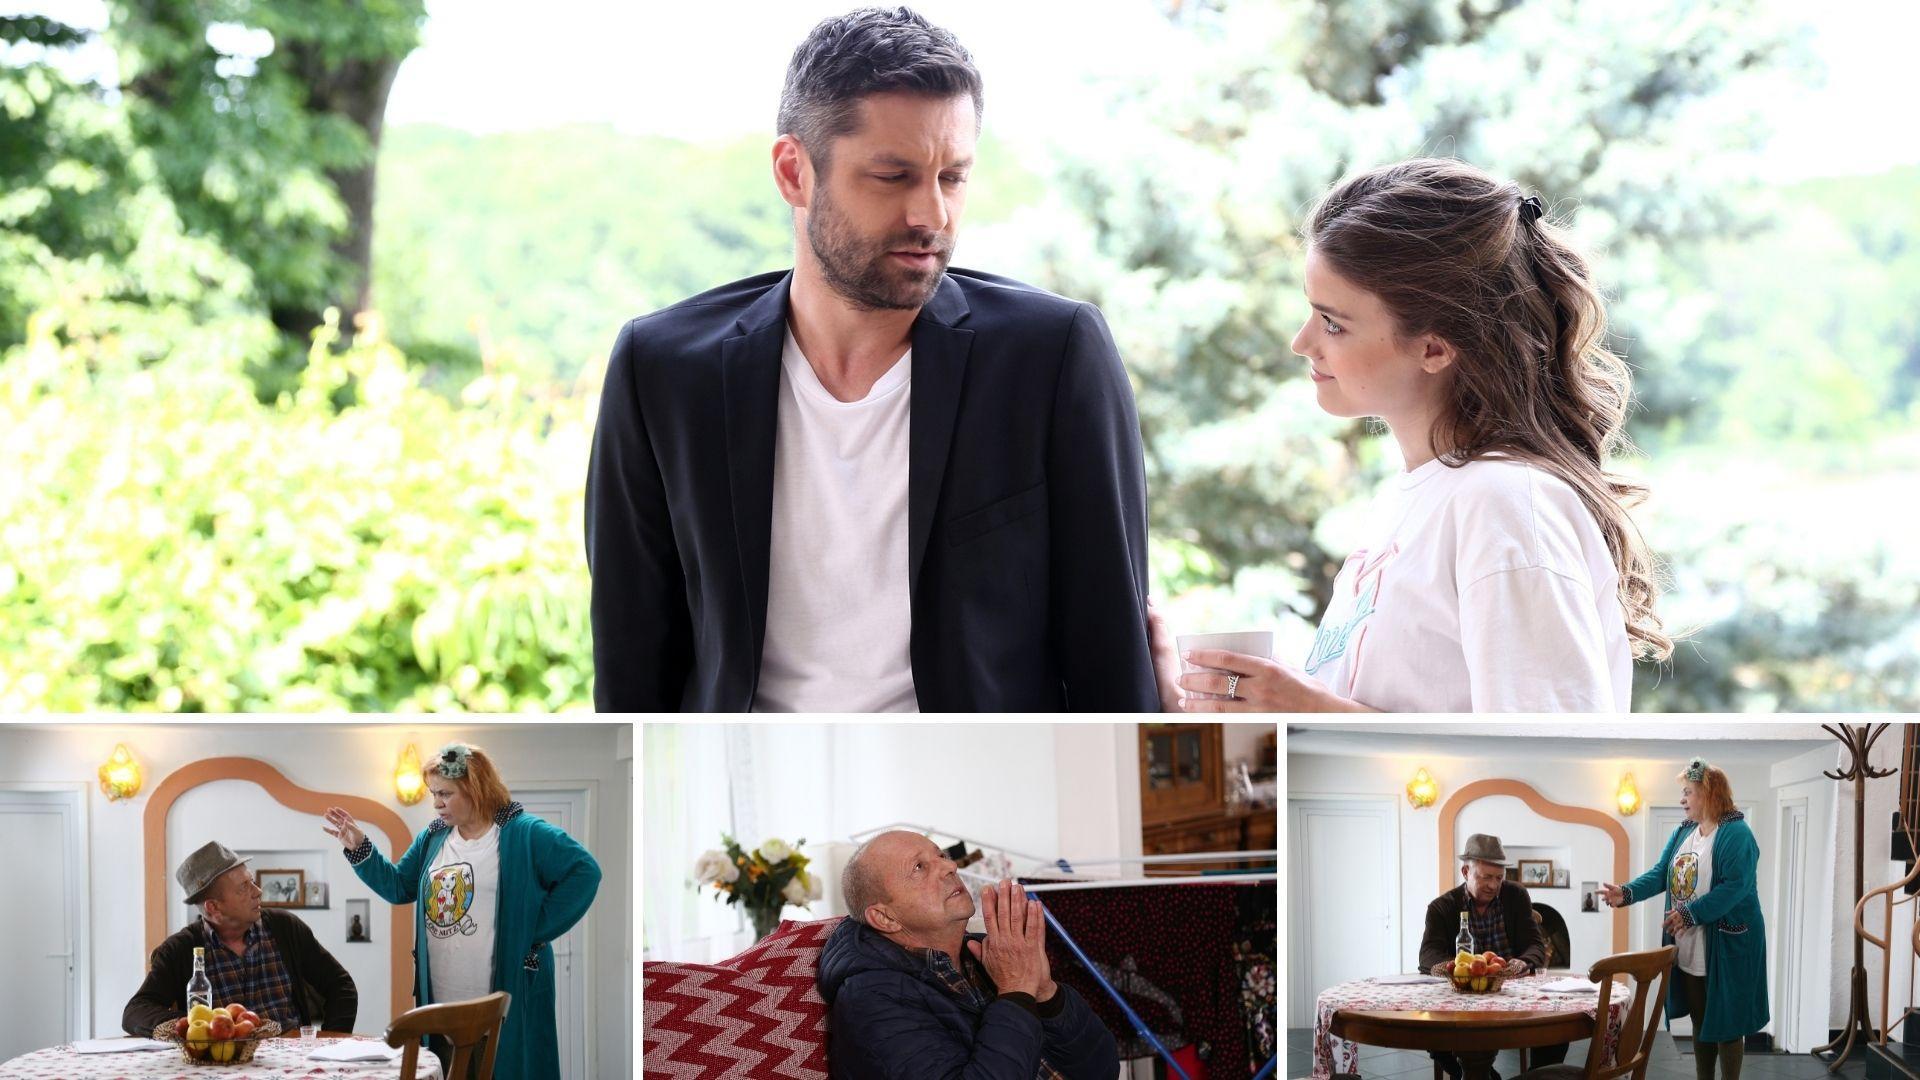 Serial Adela, sezonul 2, 7 octombrie 2021. Luca spune tot adevărul despre pozele compromițătoare. Cine părăsește casa Andronicilor